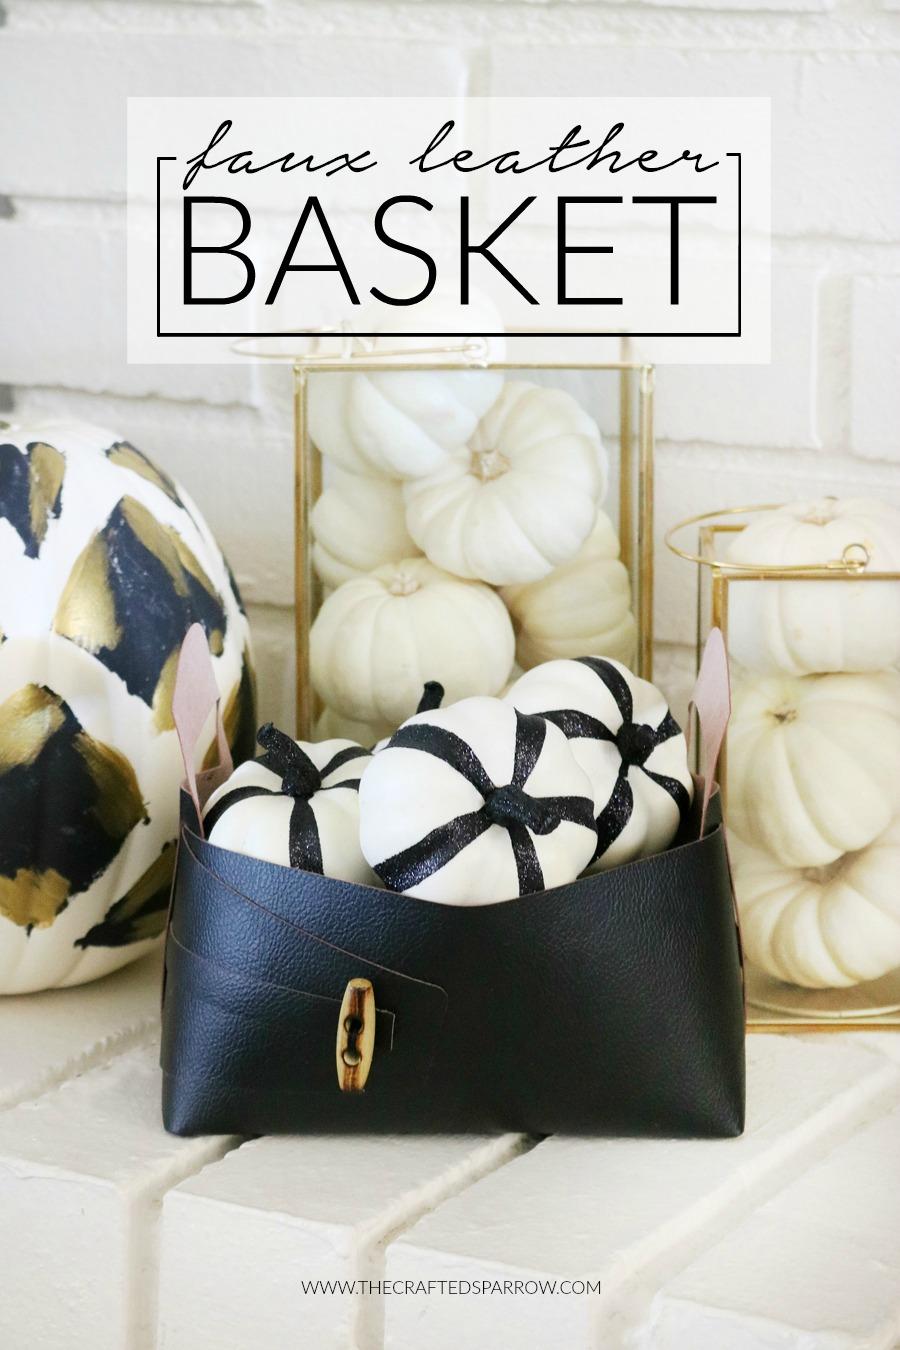 Cricut Maker Faux Leather Basket